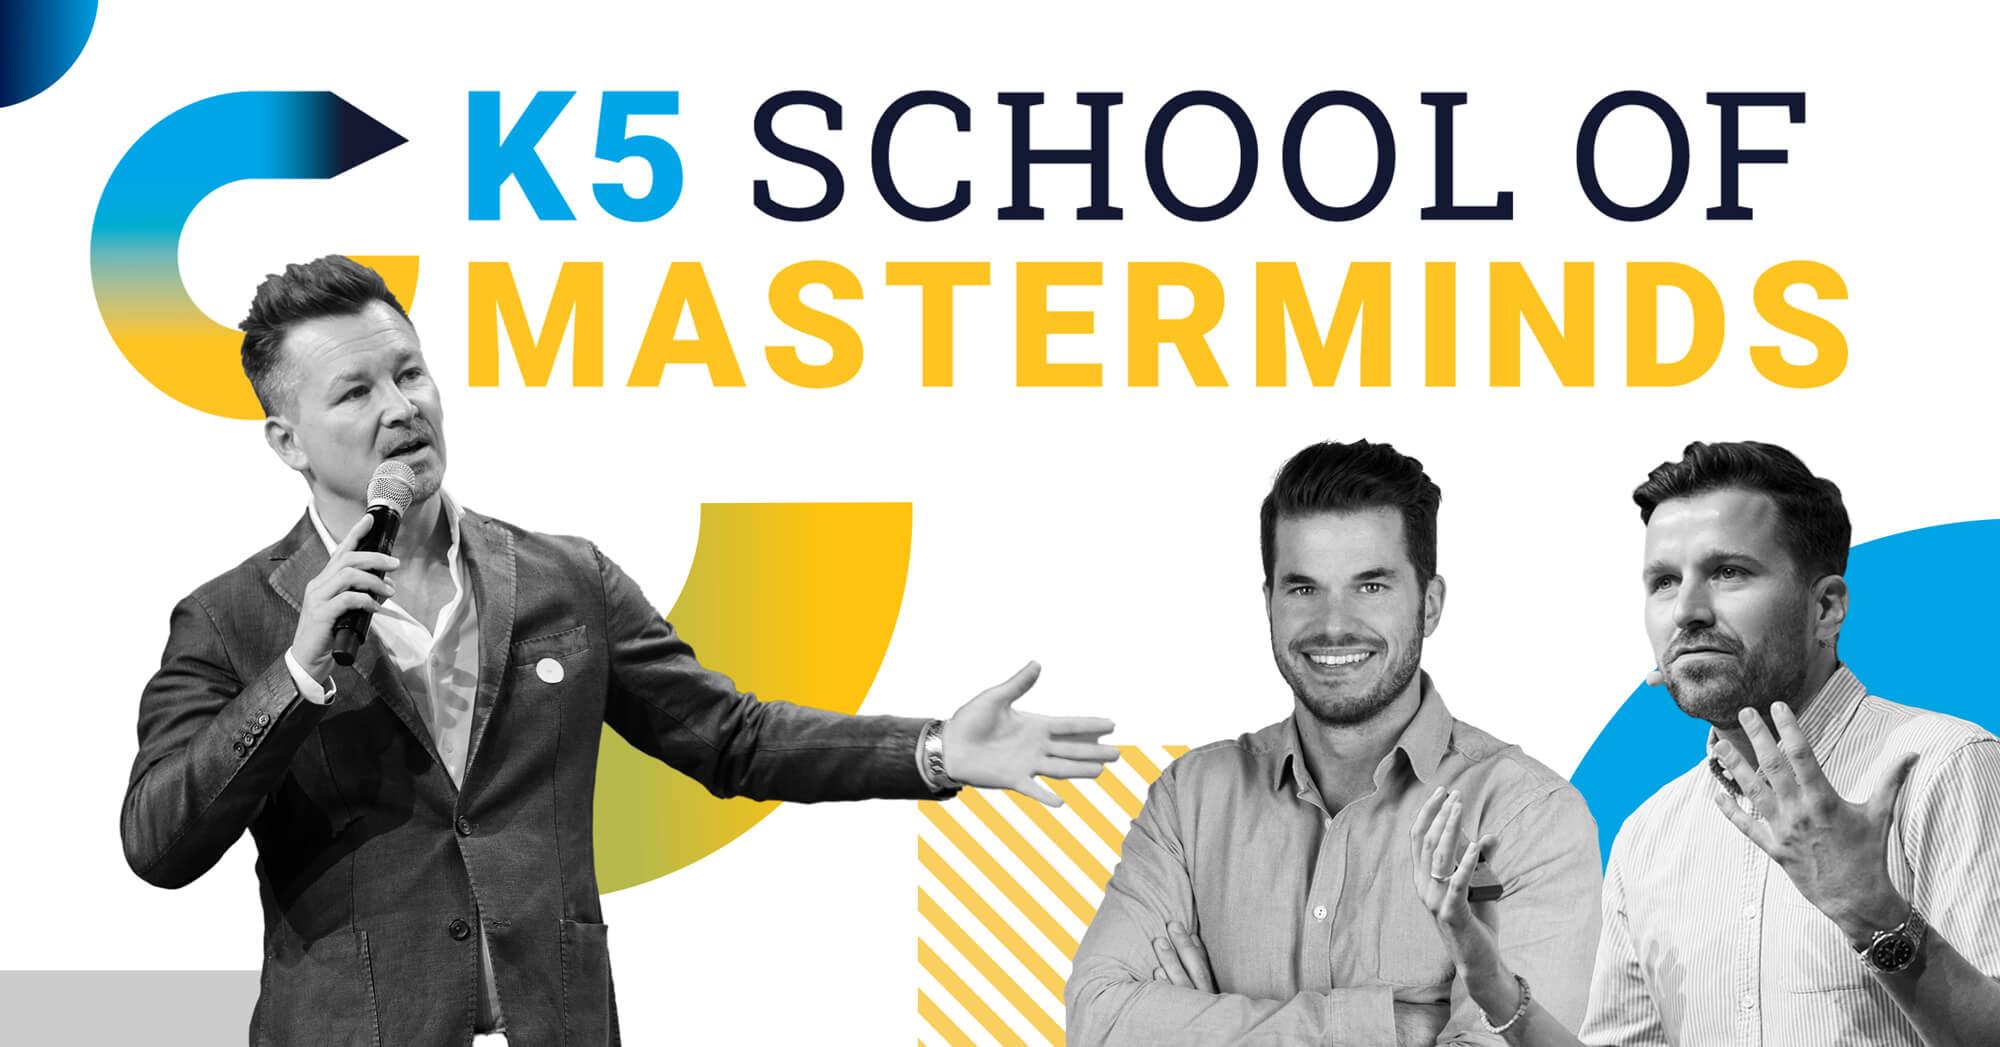 School of Masterminds - Lerne von den Besten der Branche u.a. Max Wittrock